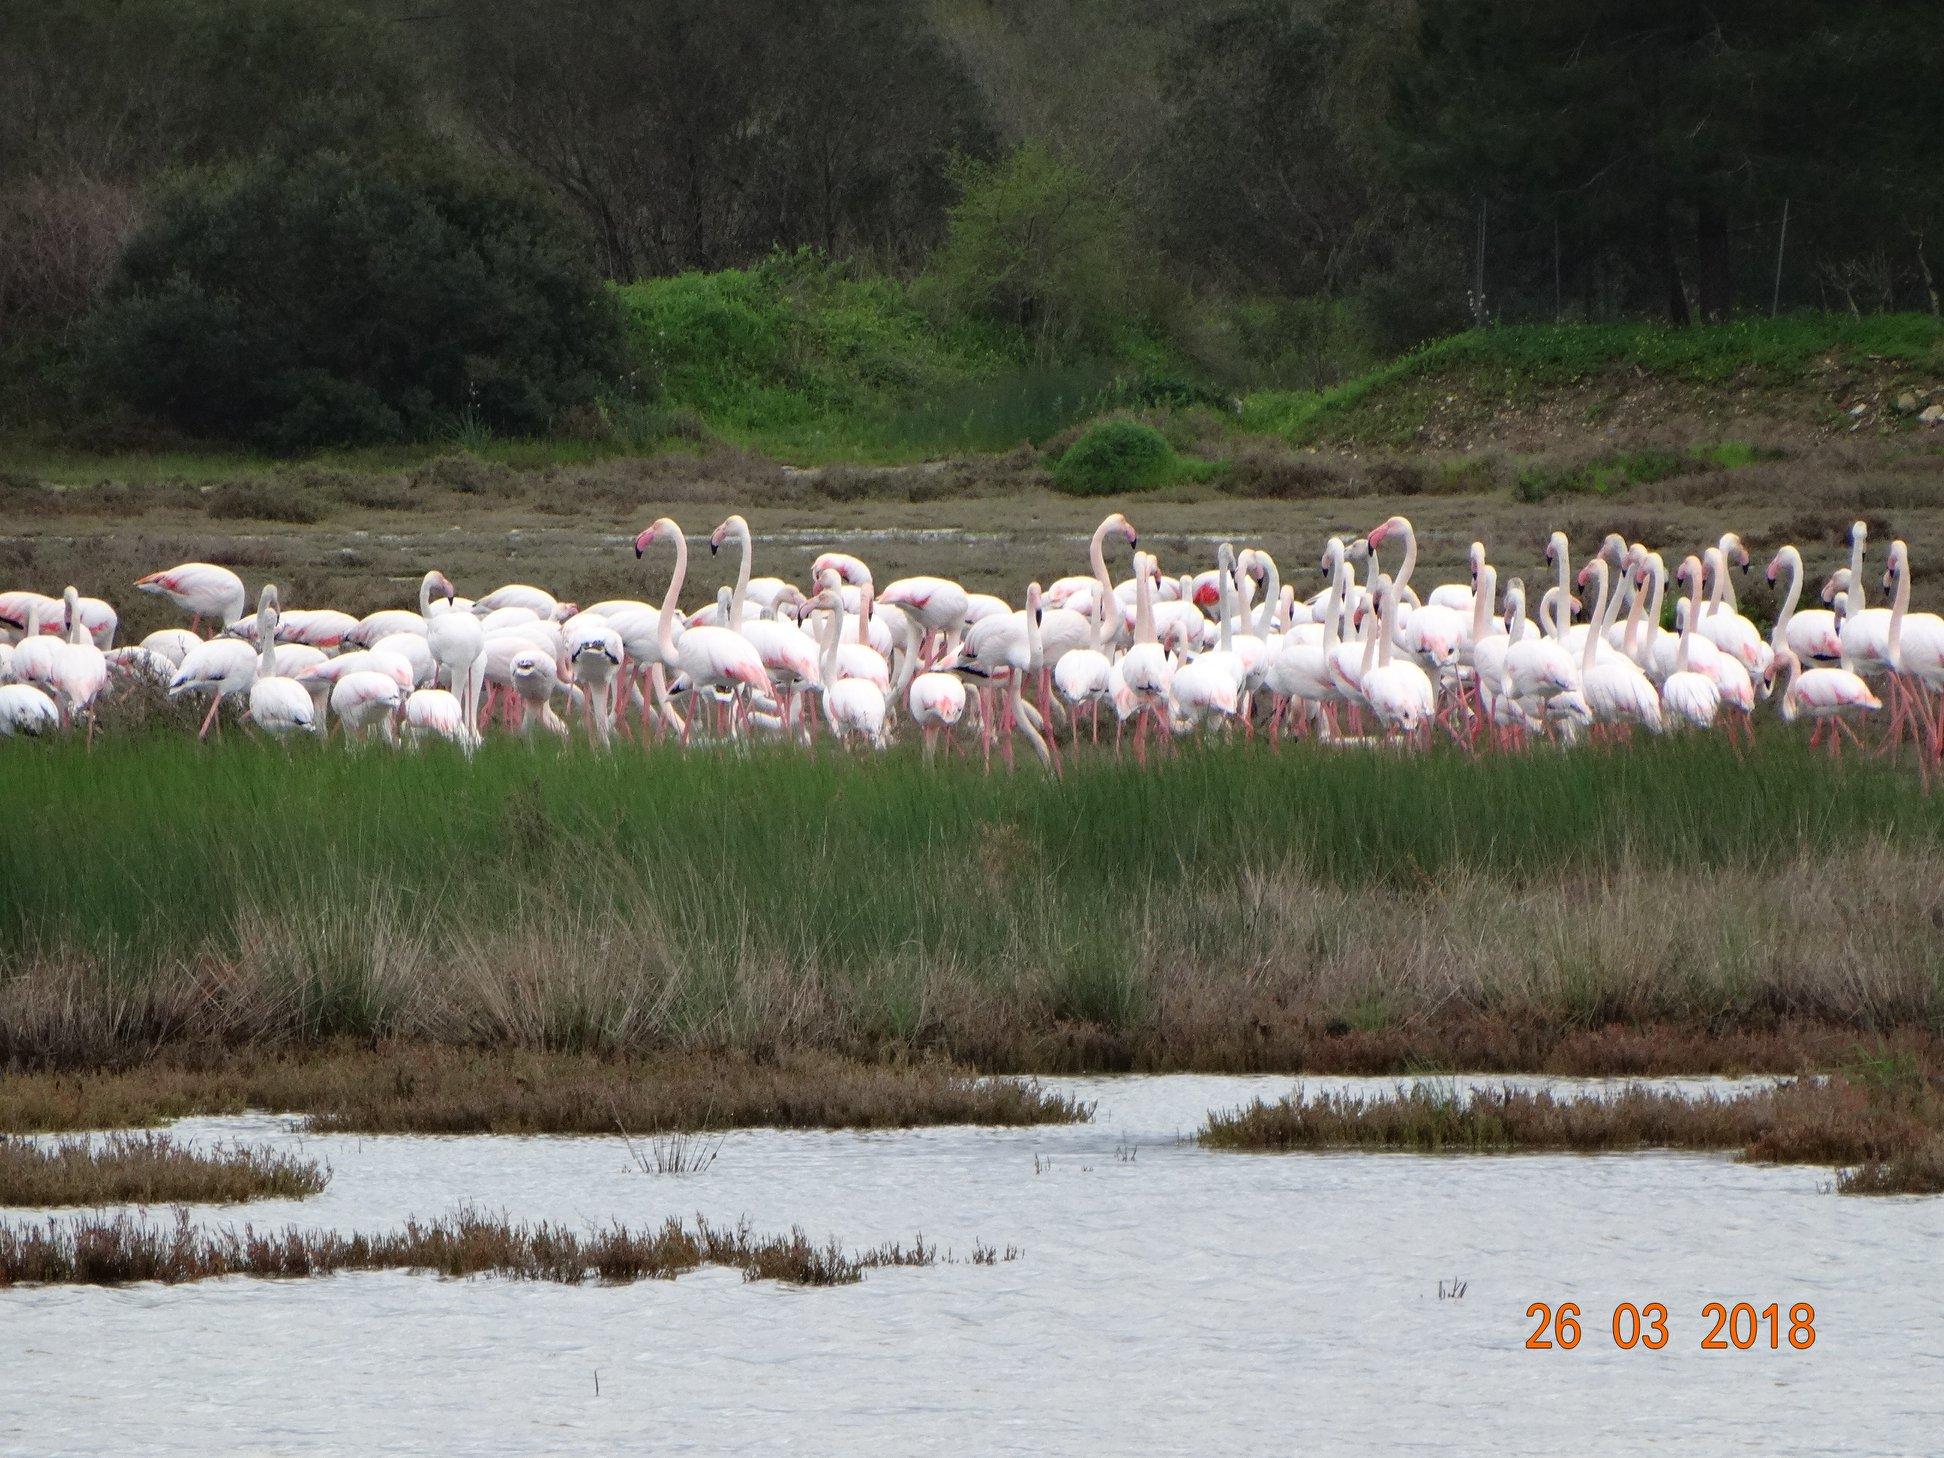 entyposiakes-eikones-apo-tin-afixi-ton-roz-flamingko-sti-limnothalassa-tis-leykimmis0